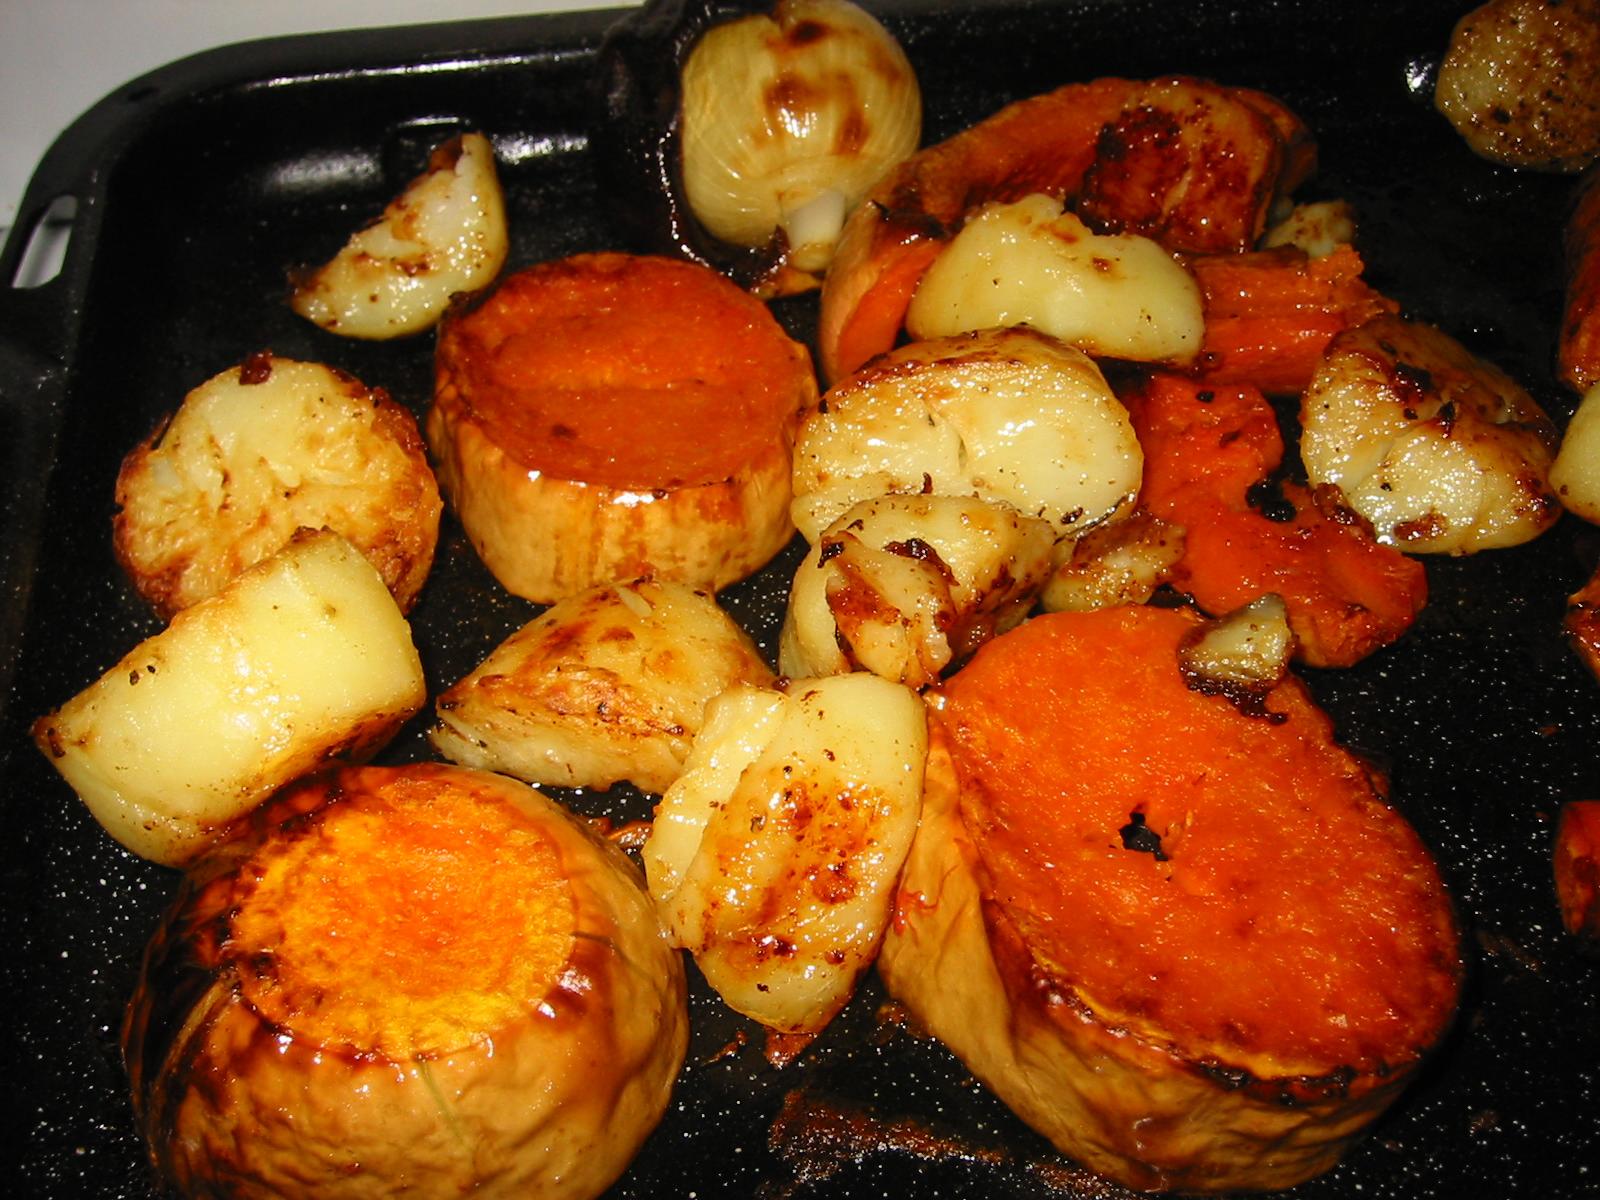 Roast vegies, spuds included